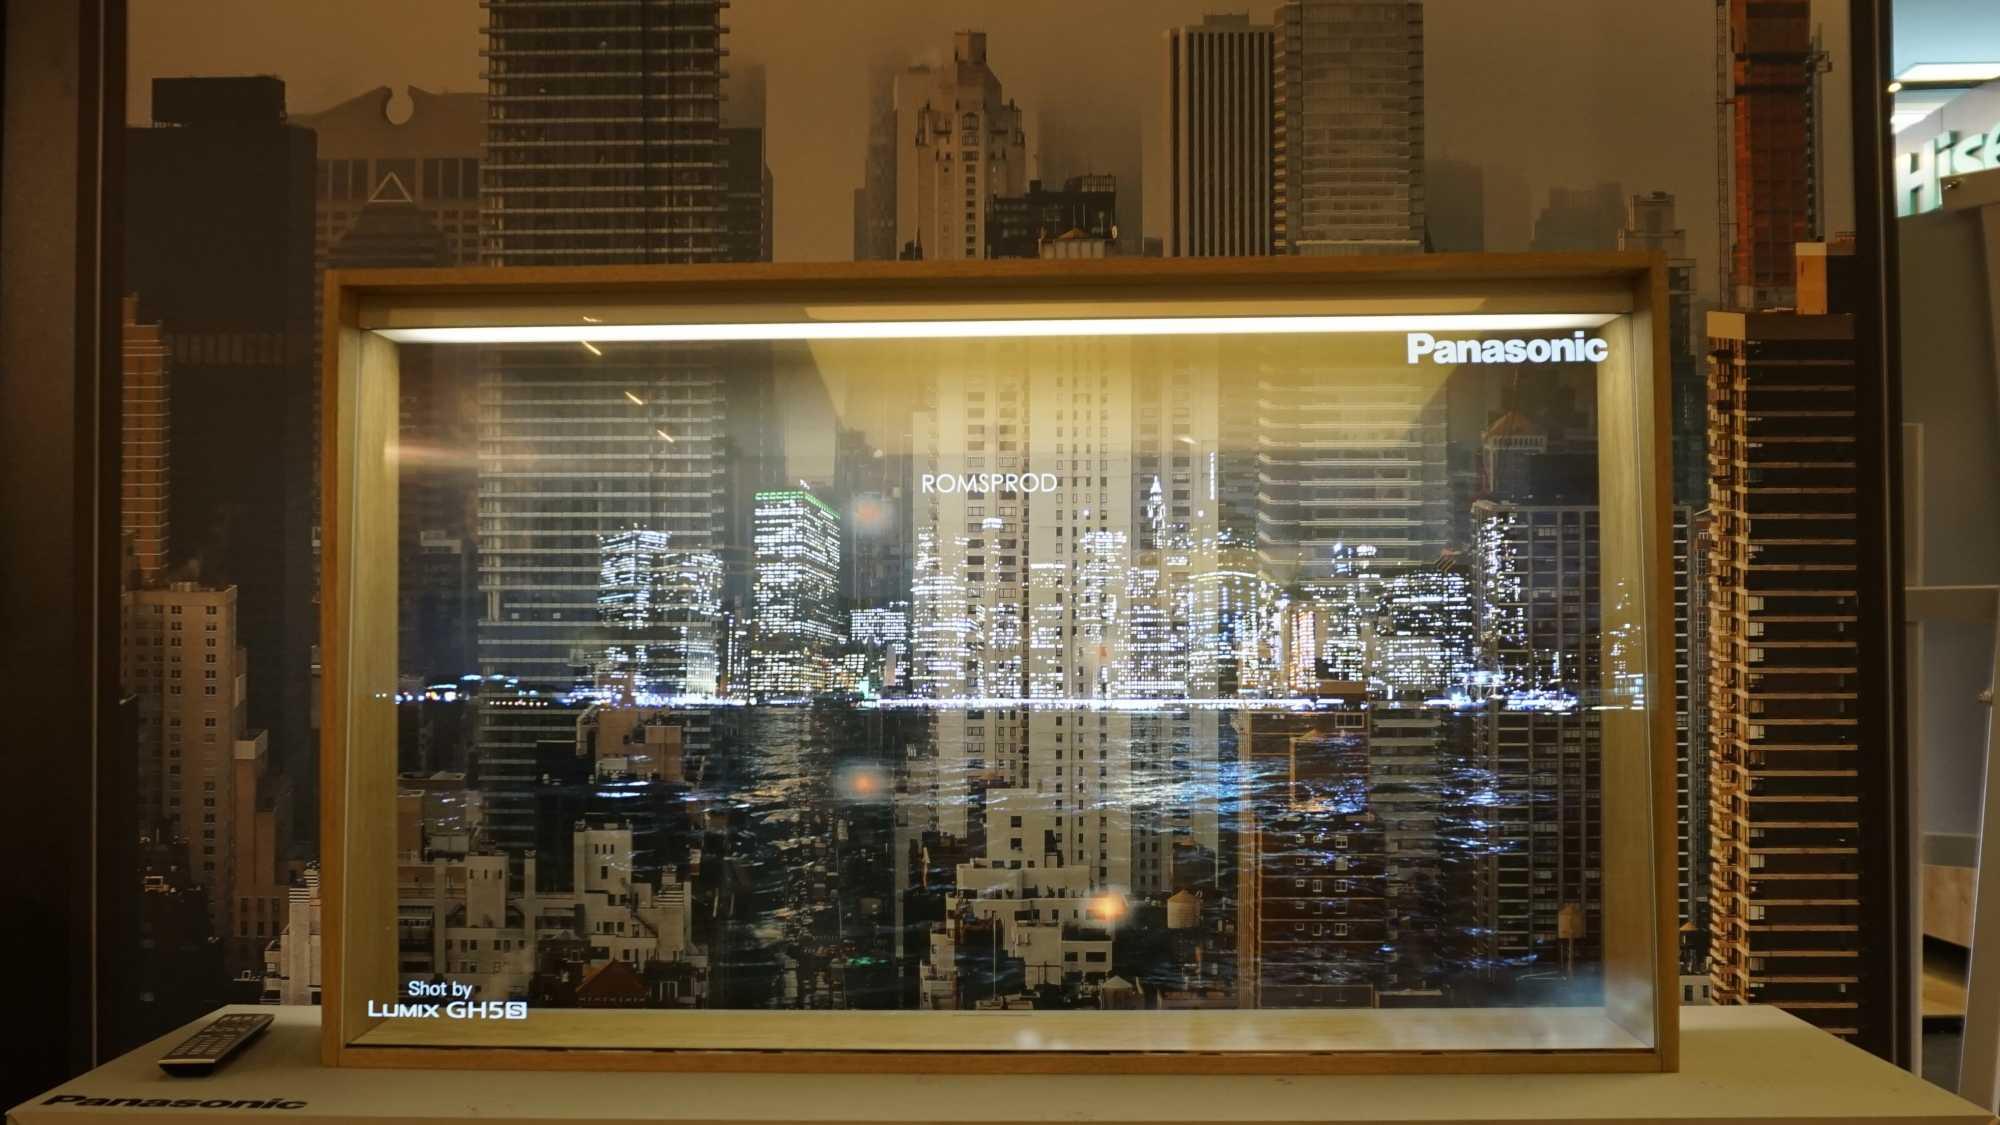 Panasonic zeigt auf der IFA das Konzept eines transparenten OLED-Fernsehers.